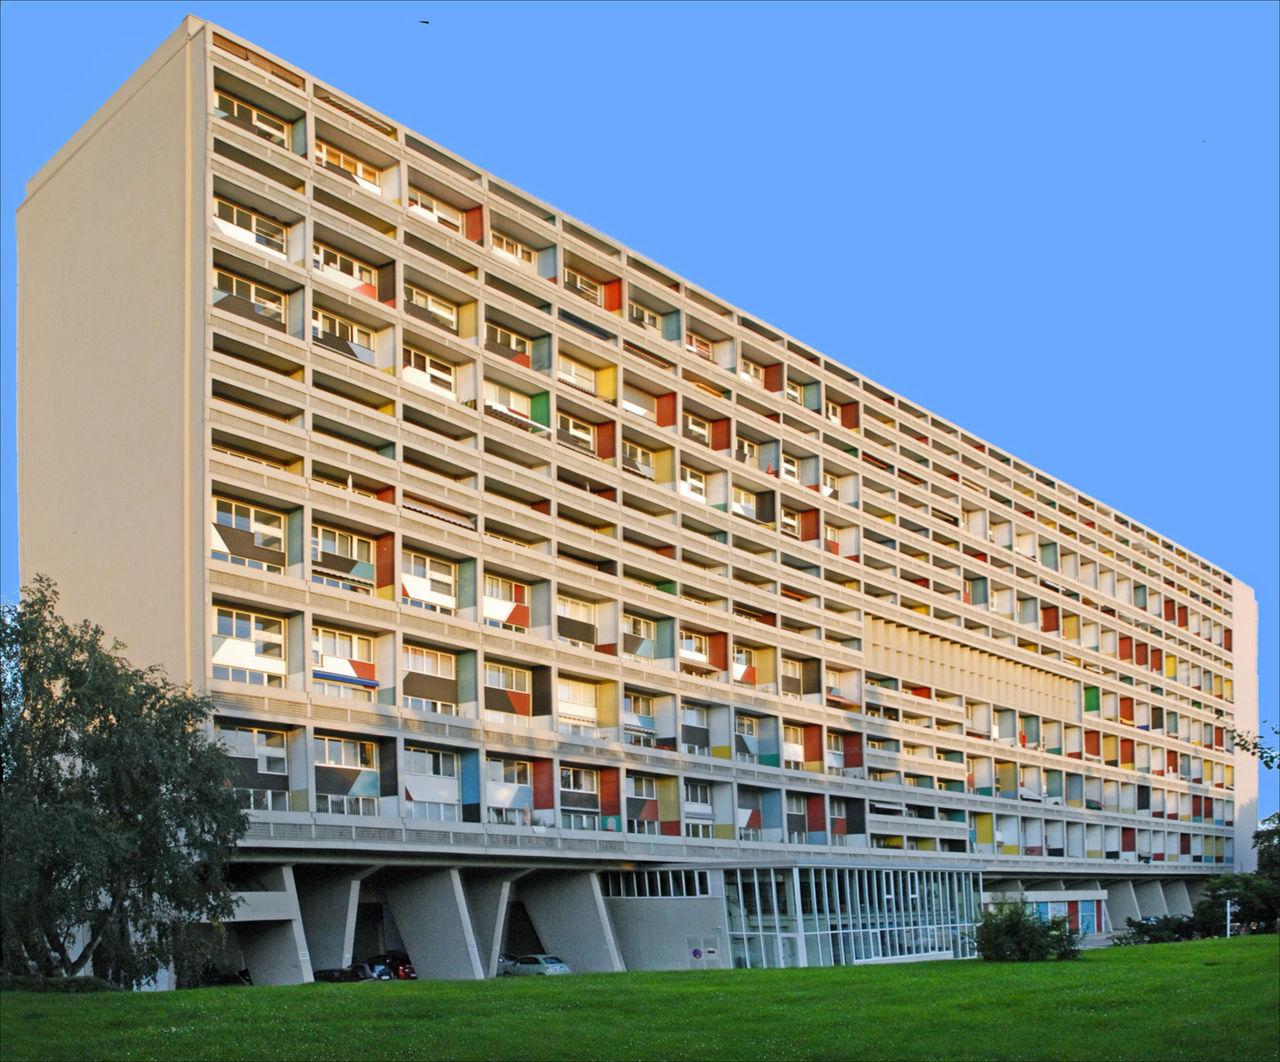 Corbusierhaus_(Berlin)_(6305809373).jpg